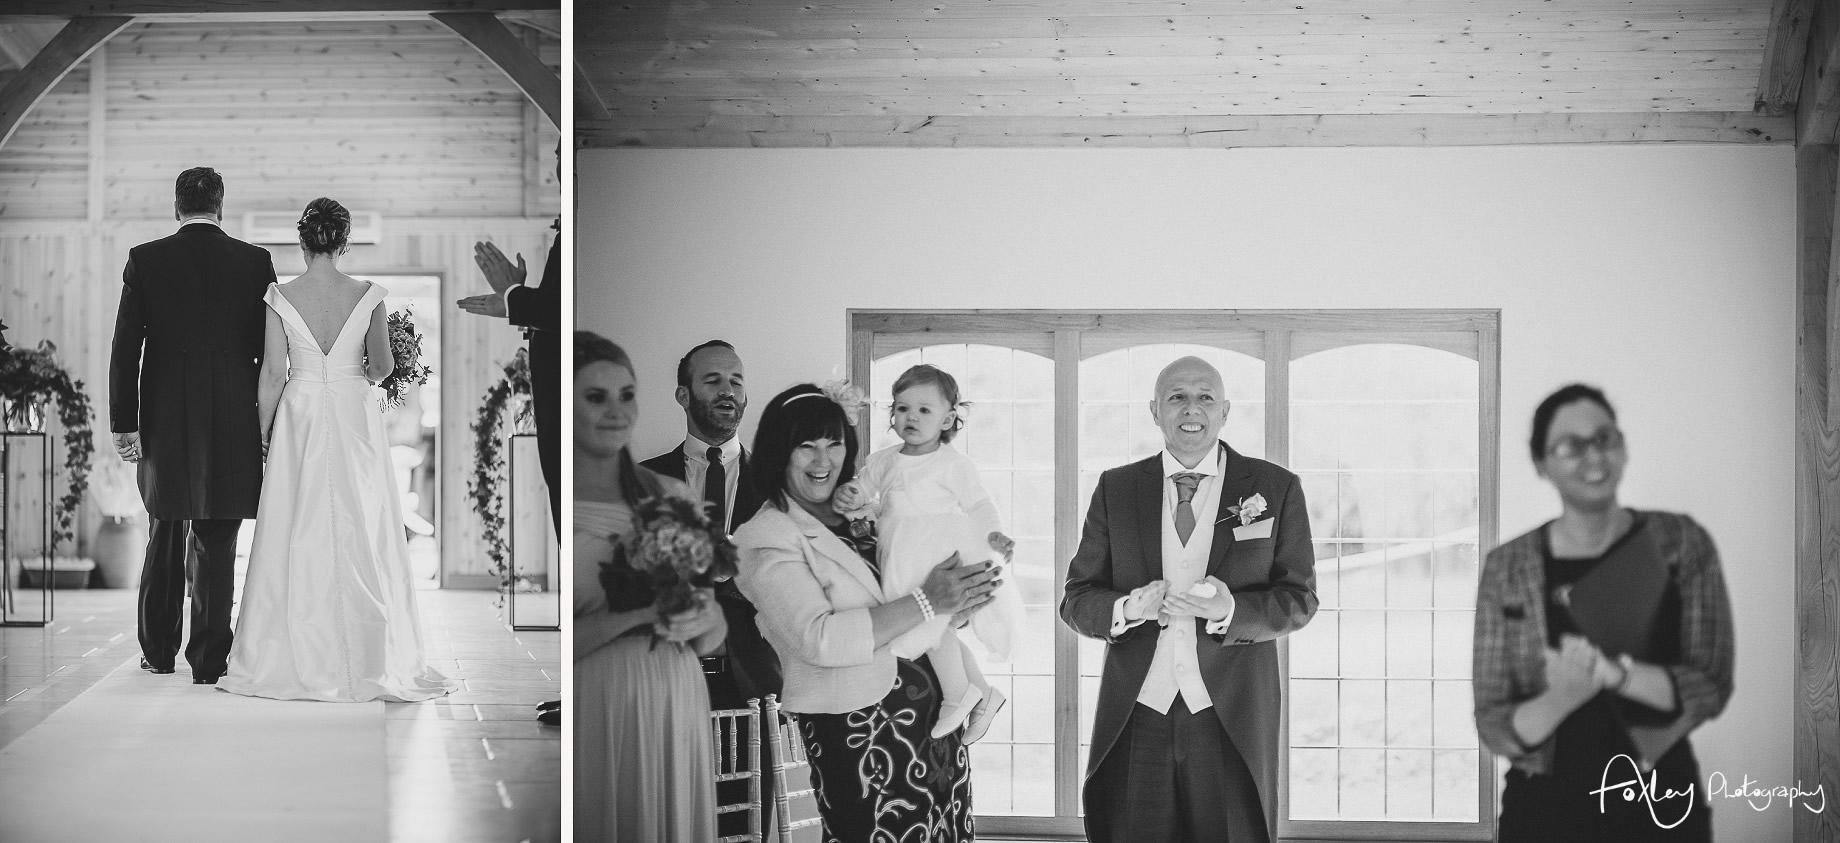 Simona-and-Robert-Wedding-at-Colshaw-Hall-107